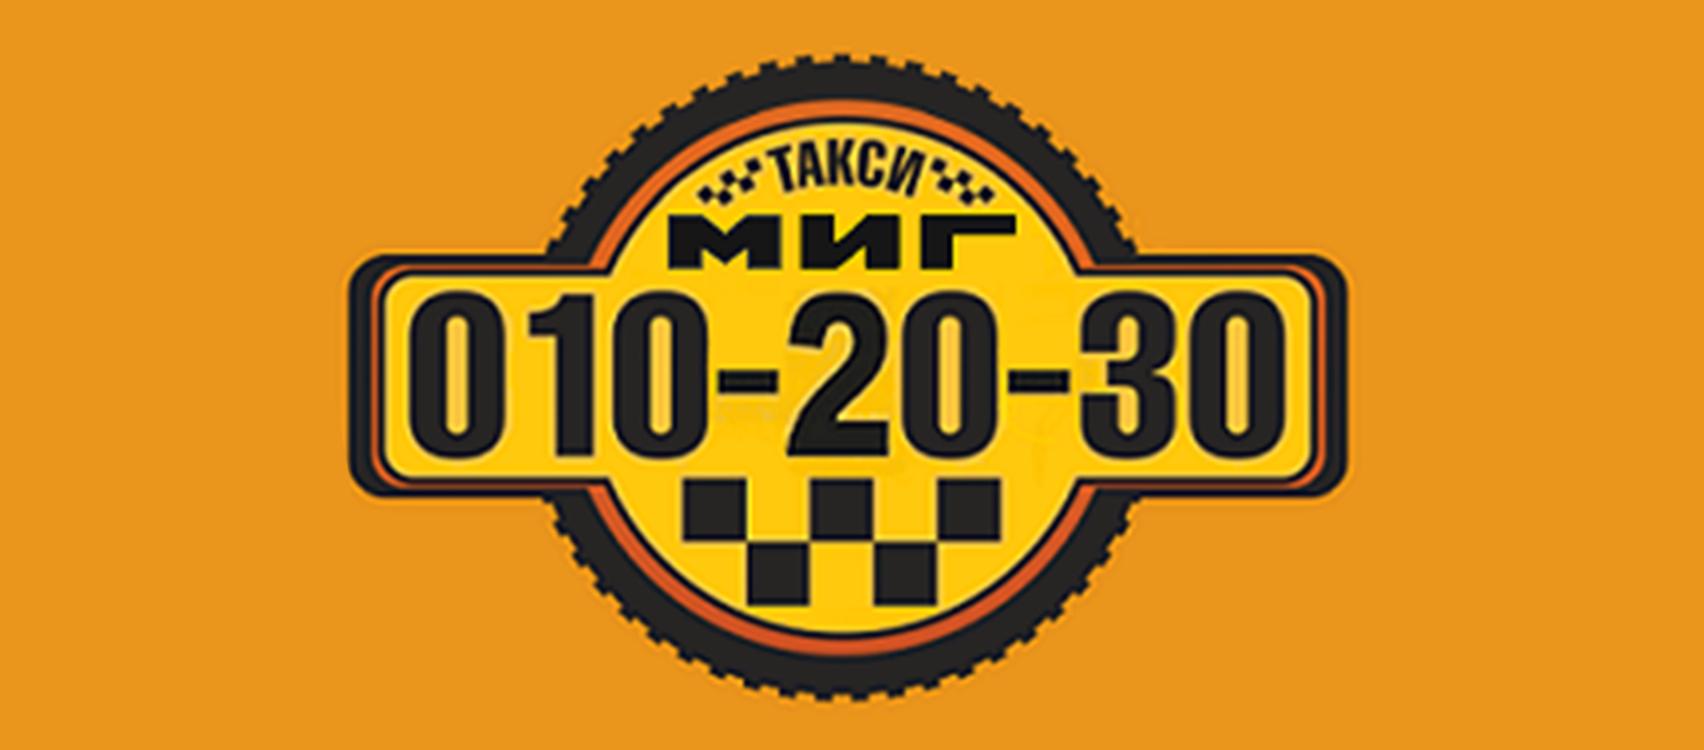 Такси Миг (Курахово)